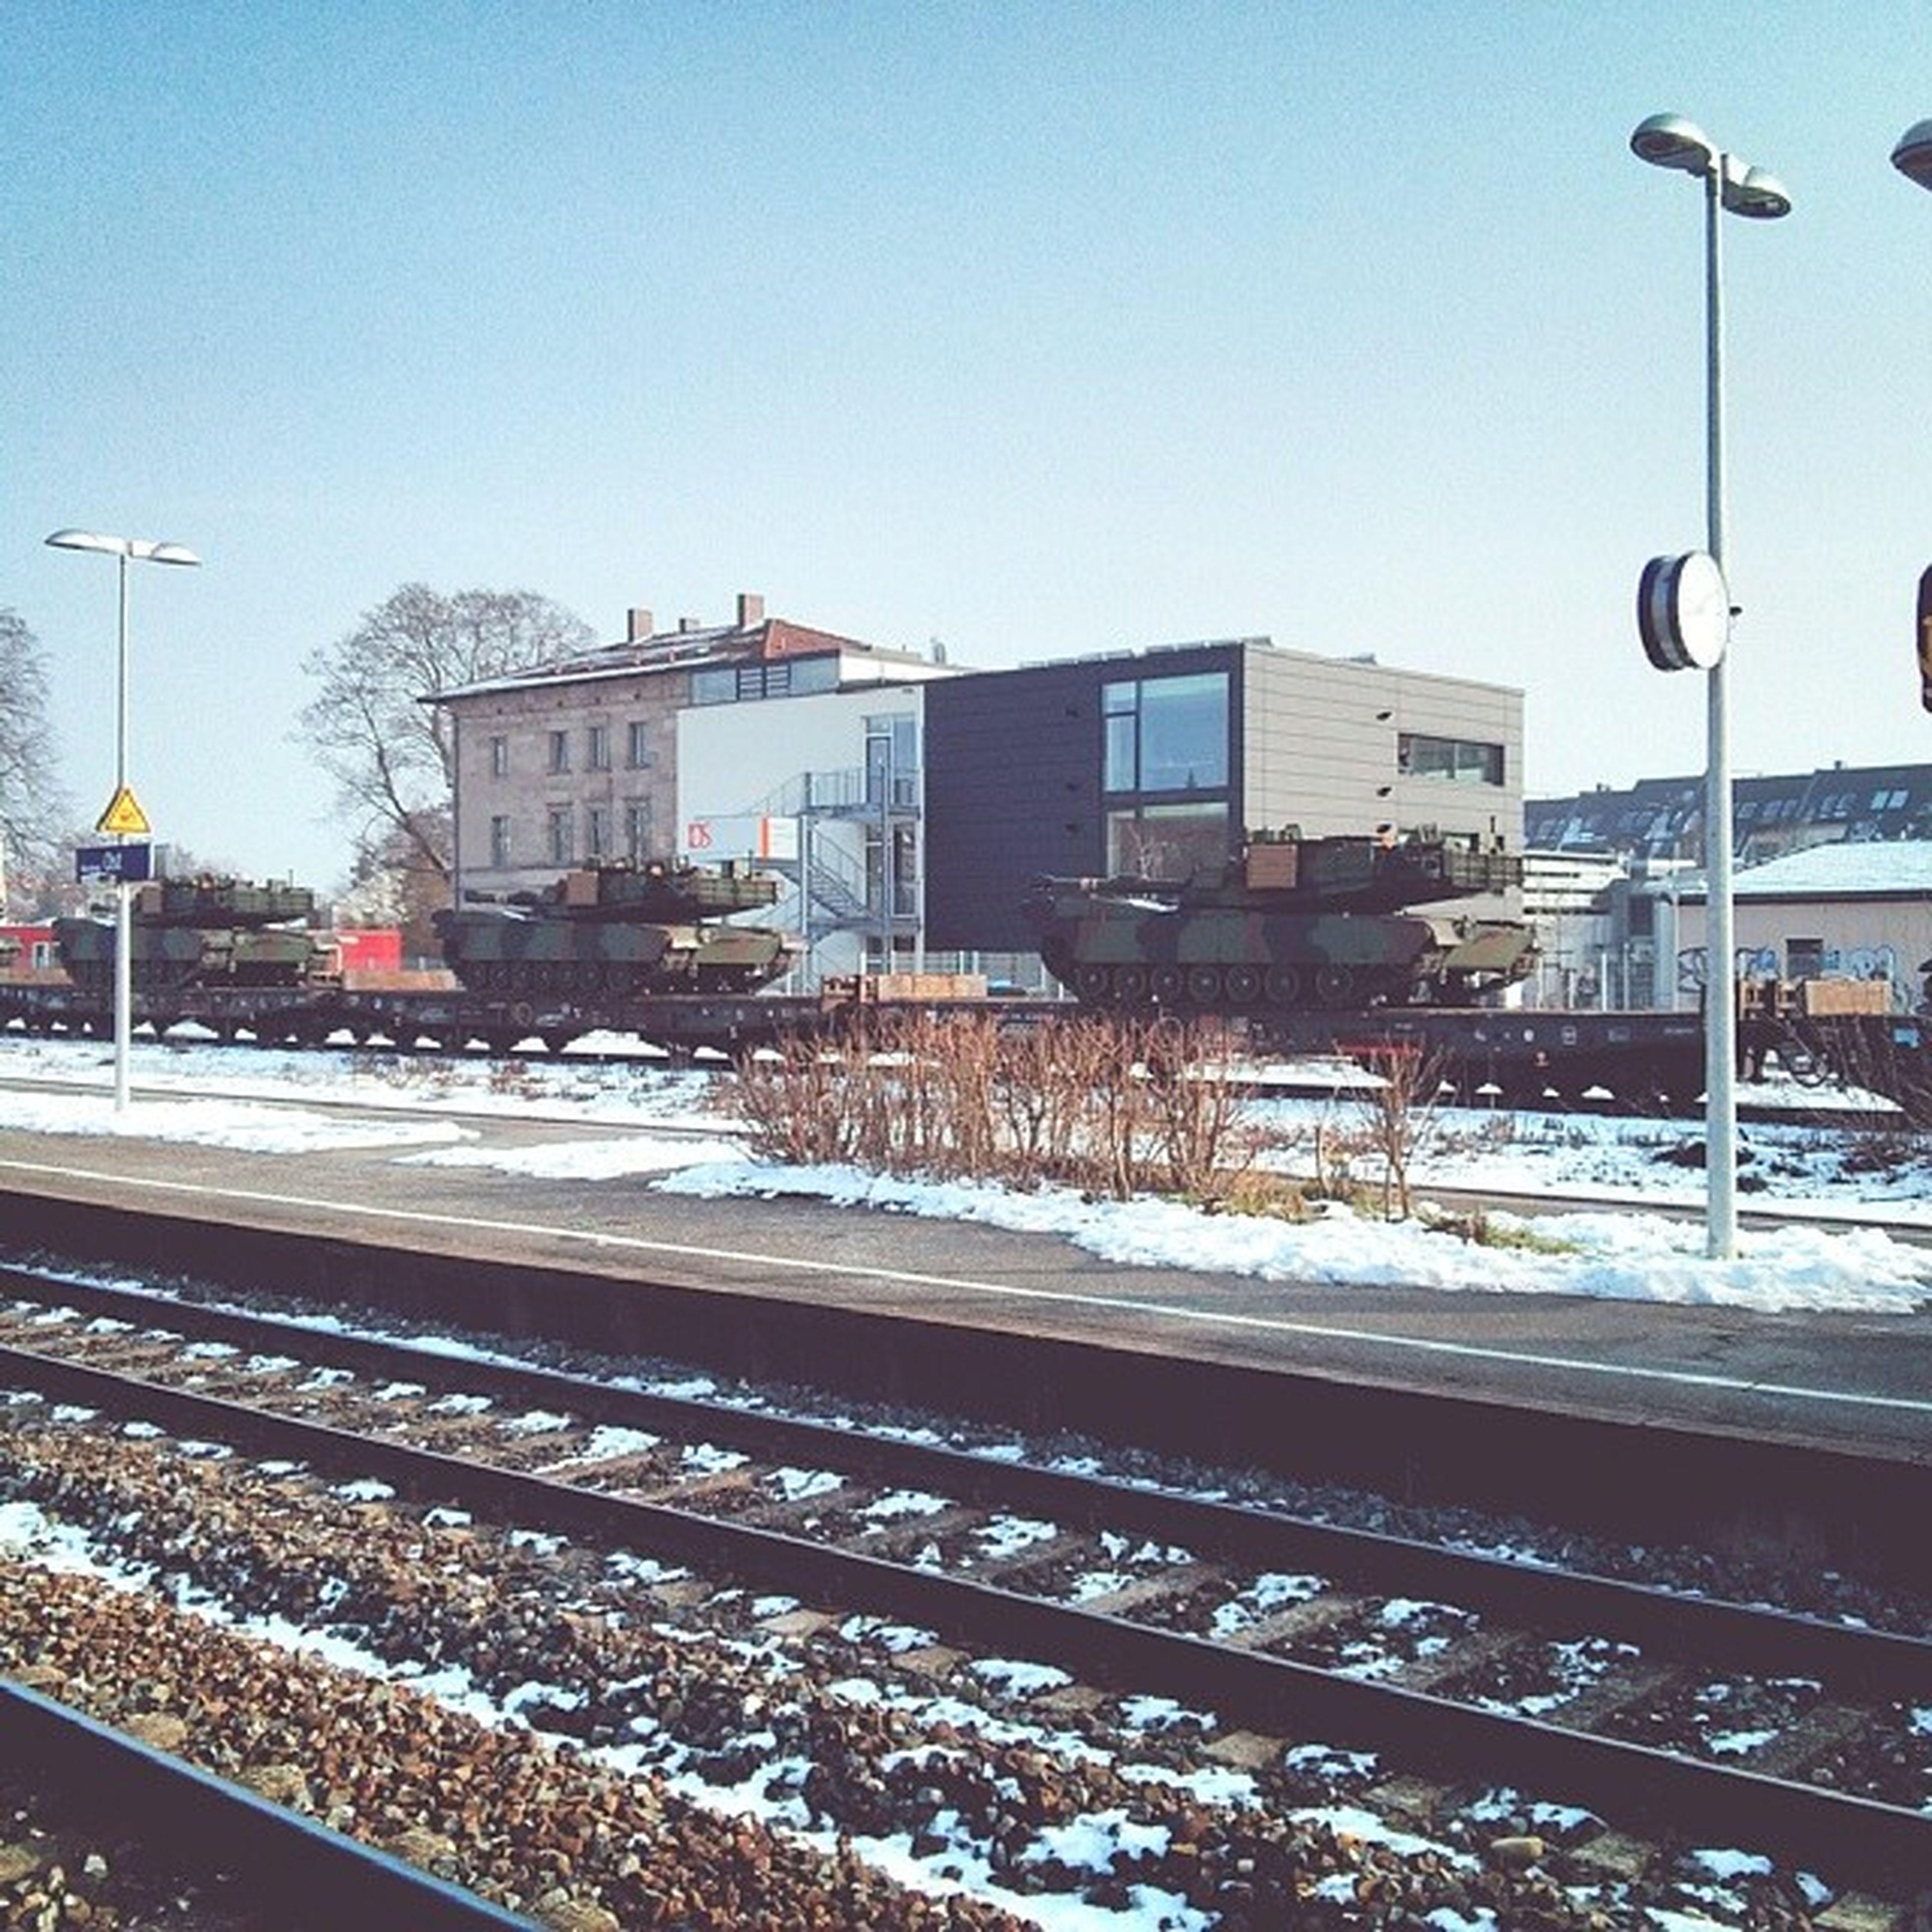 Panzer Mos Bahn Höhöguckmaldasindpanzervorunsererschule